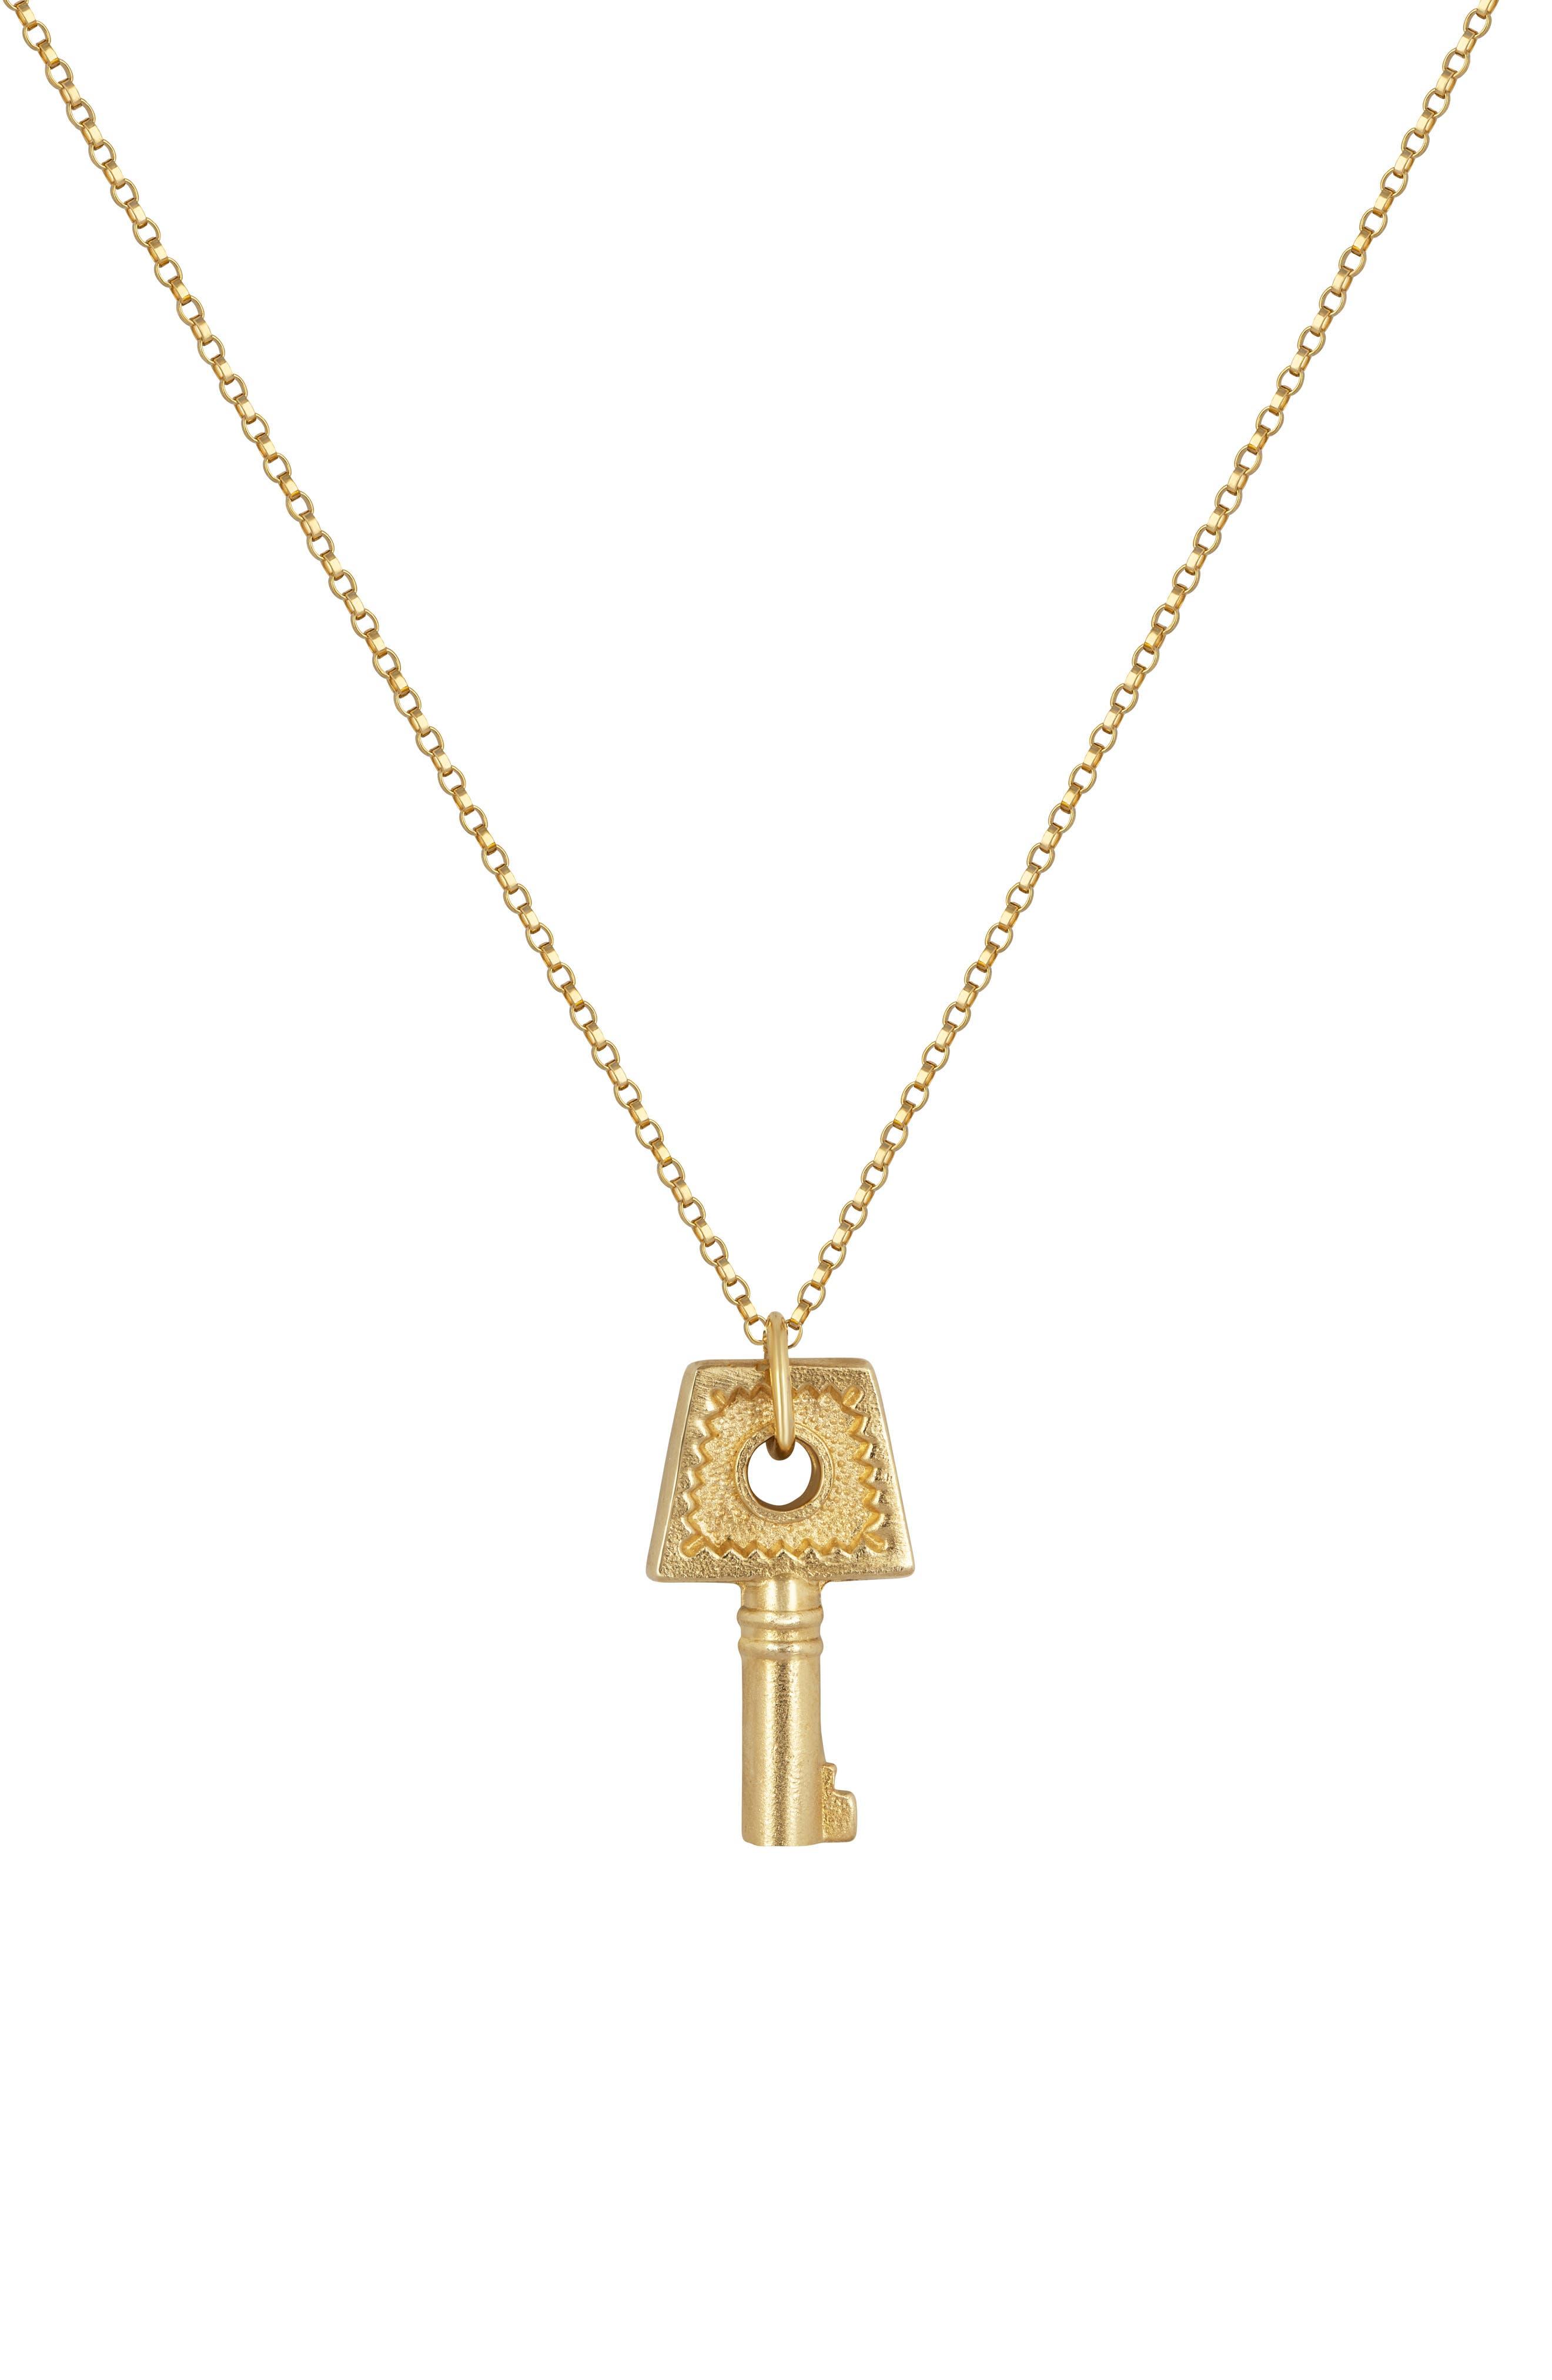 Key Note Necklace